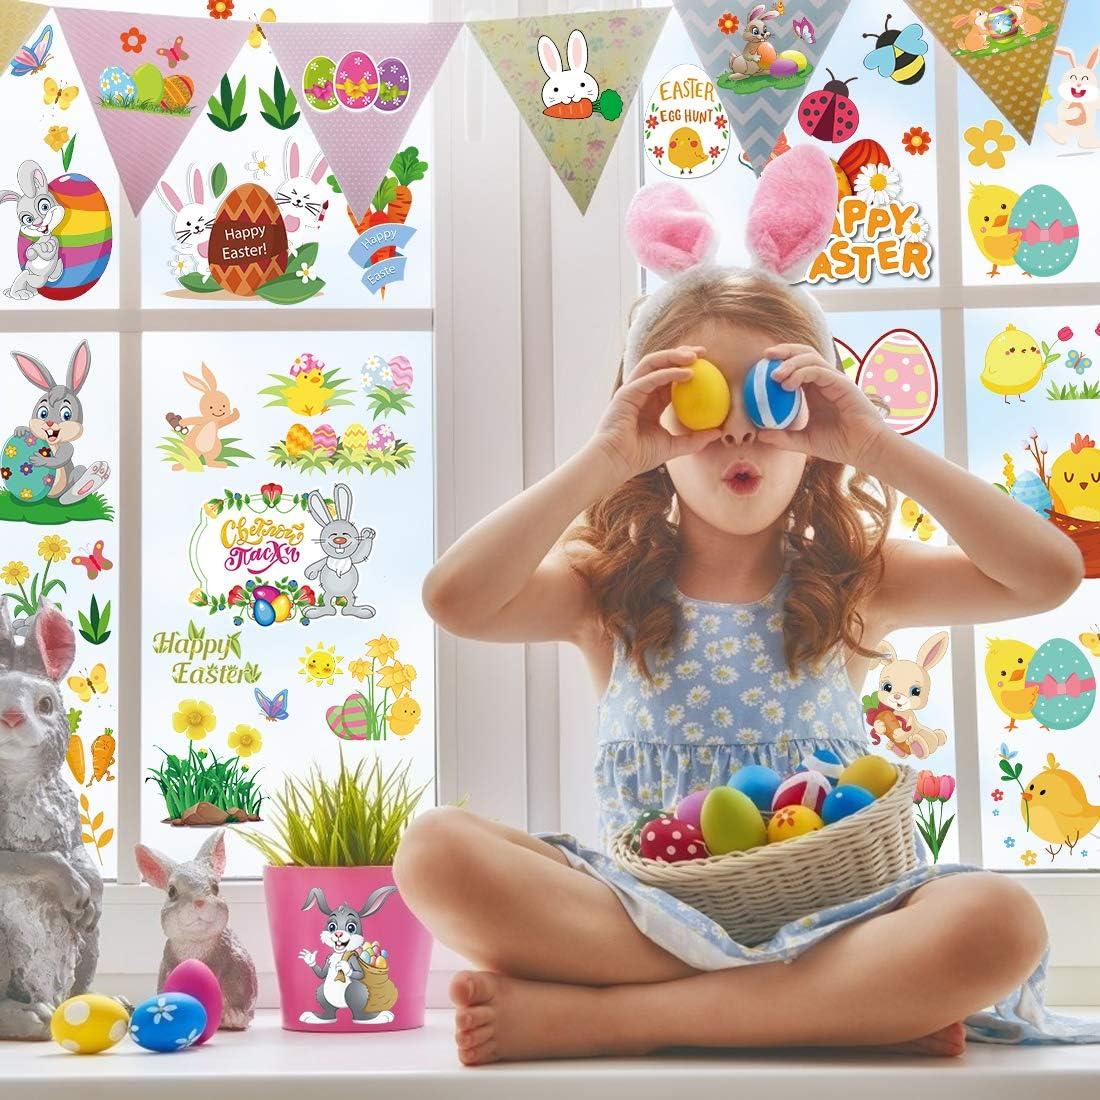 Oeuf Poule 8pcs Lot de Paque Autocollants pour Enfants DIY Craft Art Gommettes Paques Fleur 8 Feuilles Paques Stickers Lapin